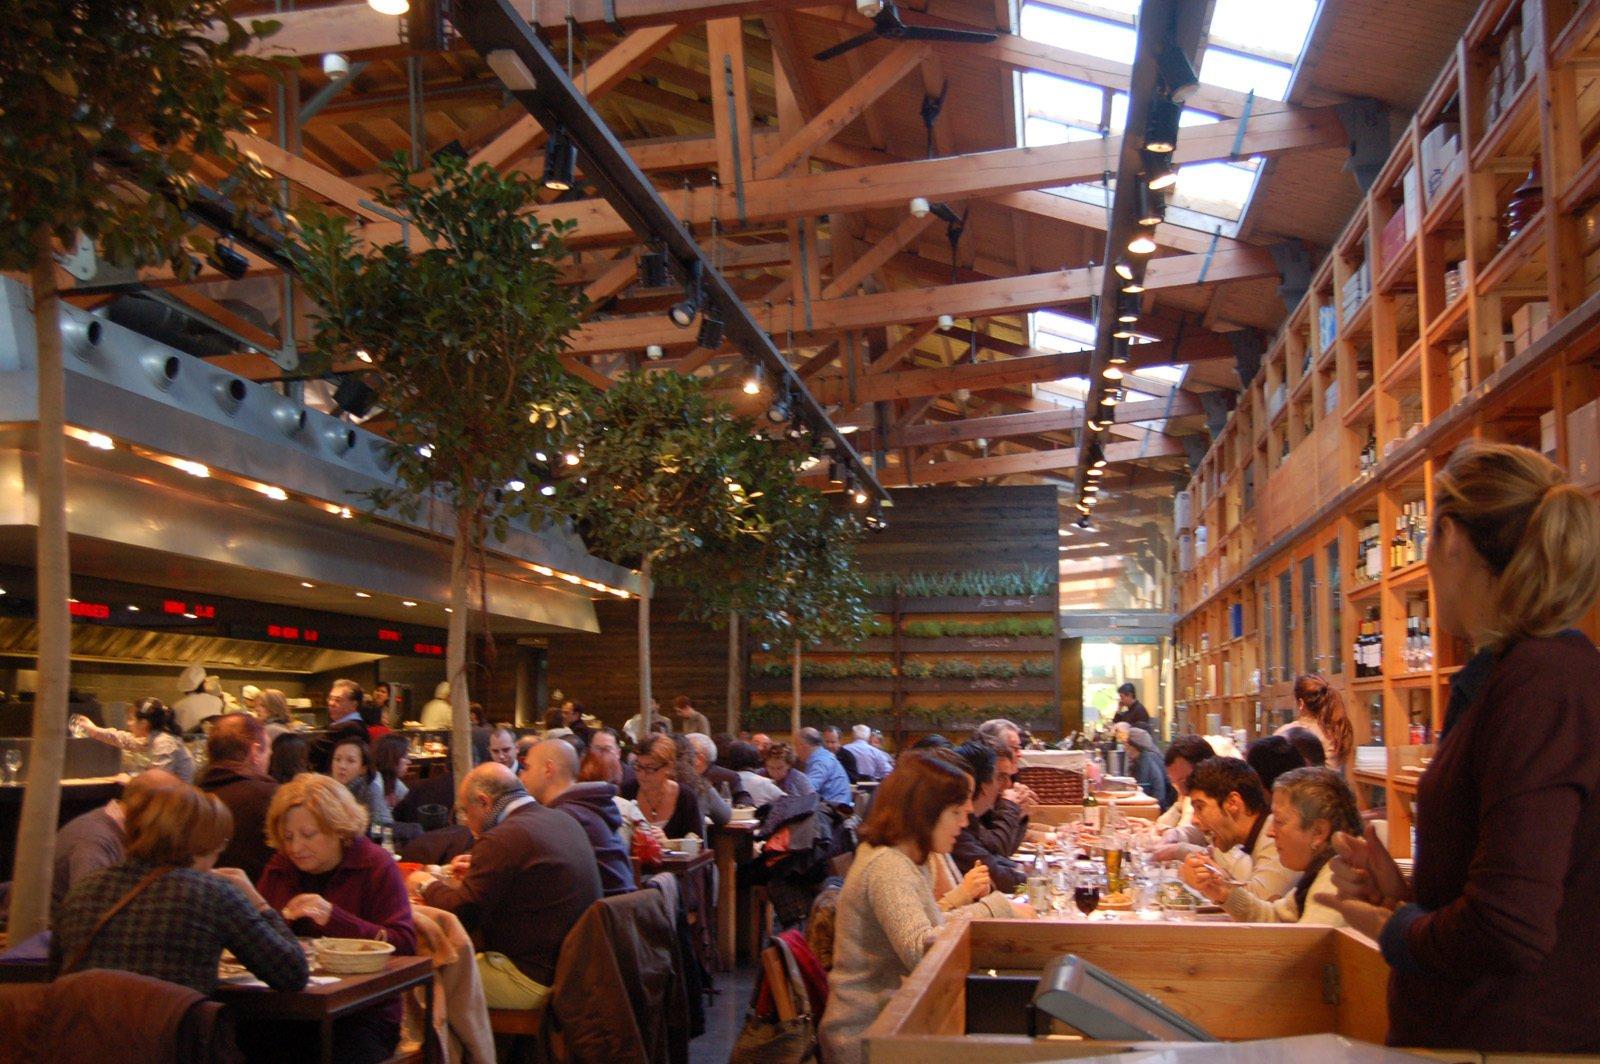 Mercat de Santa Caterina, Barcelona. Designed by architect Bernedetta Tagliabue.   Square Meal by Amanda Dameron